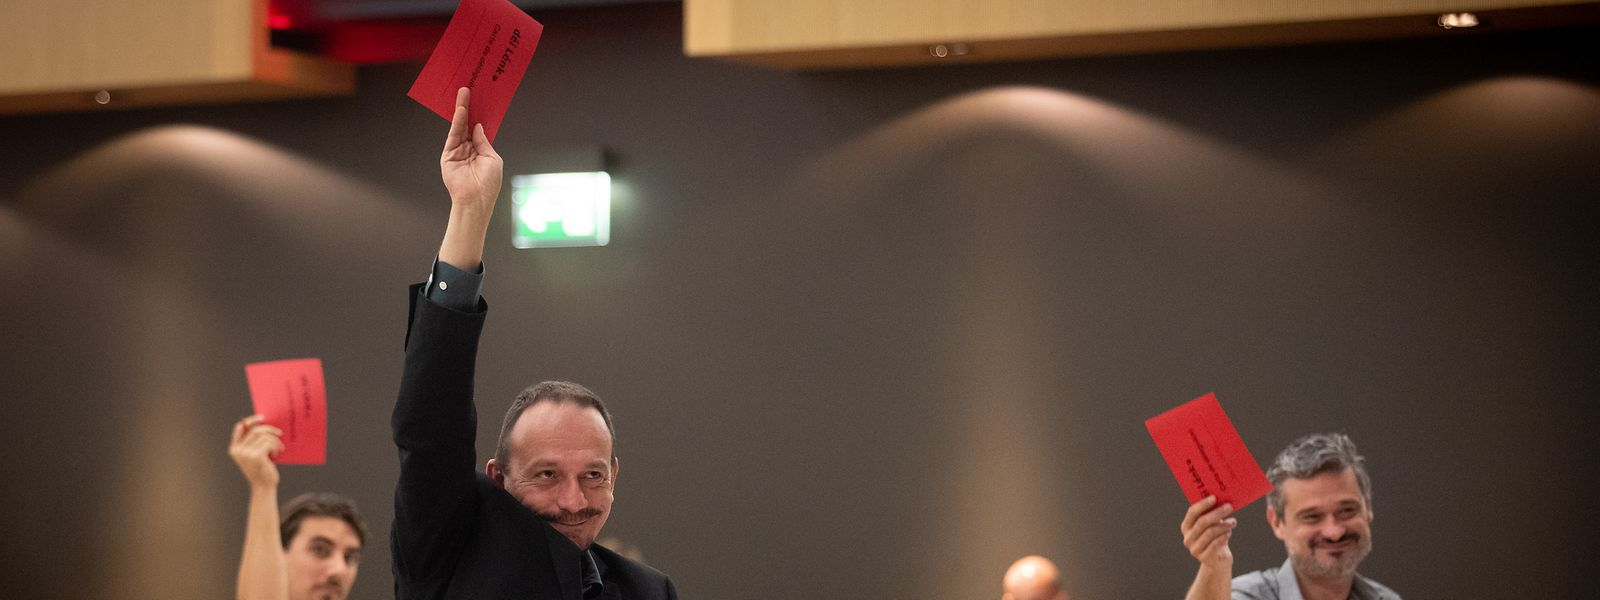 Le parti de gauche a brandi un carton rouge à l'adresse du gouvernement à l'occasion de son congrès annuel